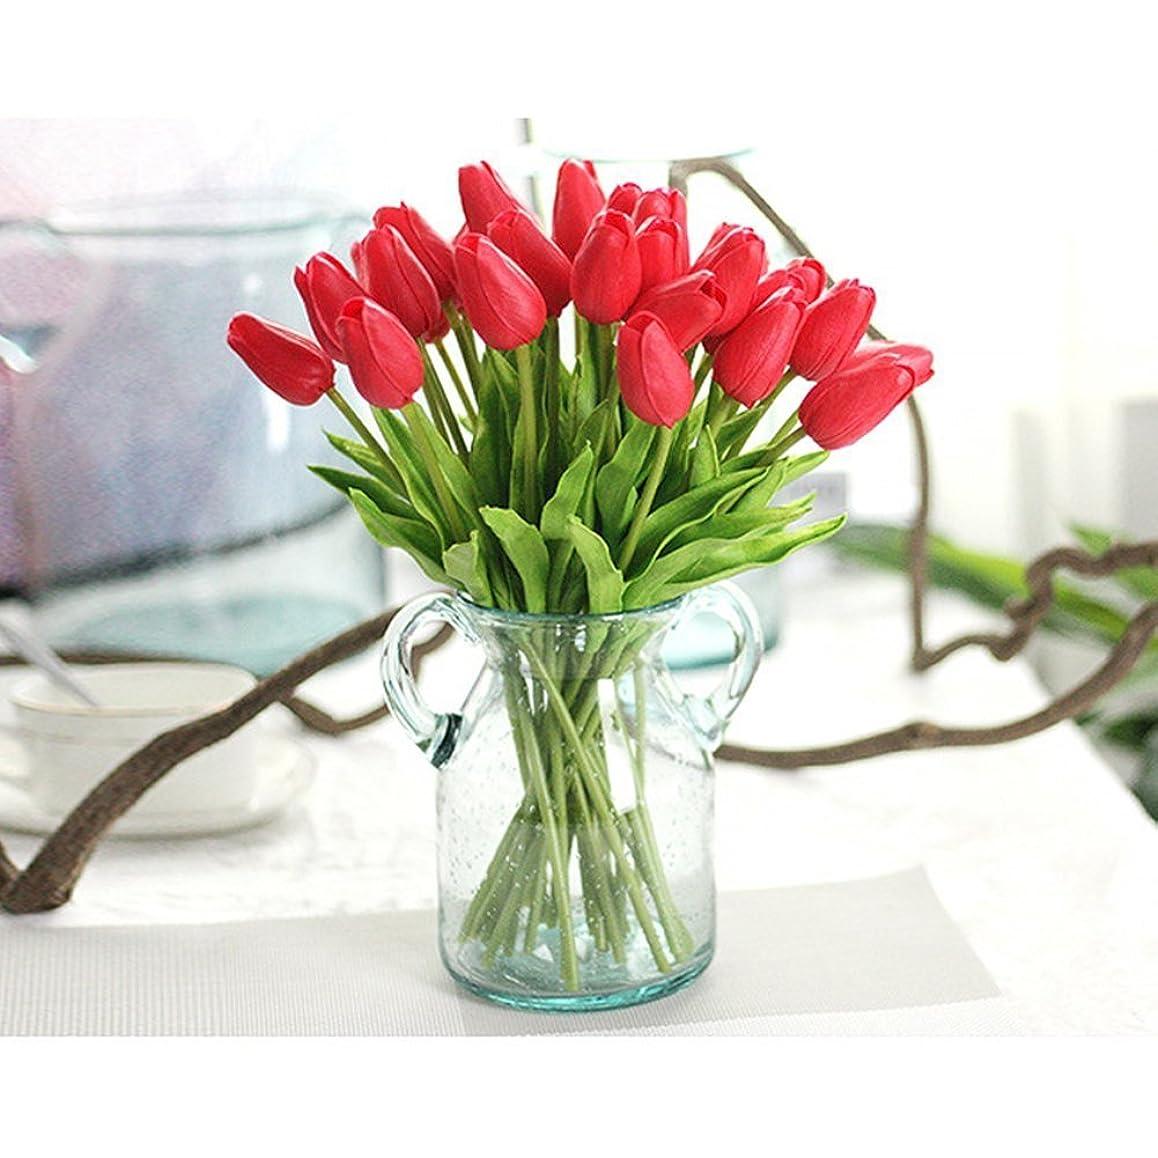 悲劇的なポテトメドレーPichidr 造花 チューリップ 10本セット アートフラワー 手作りブーケ フラワーアレンジ かわいい 枯れない花 インテリア飾り 本物そっくり 母の日 ギフト レッド